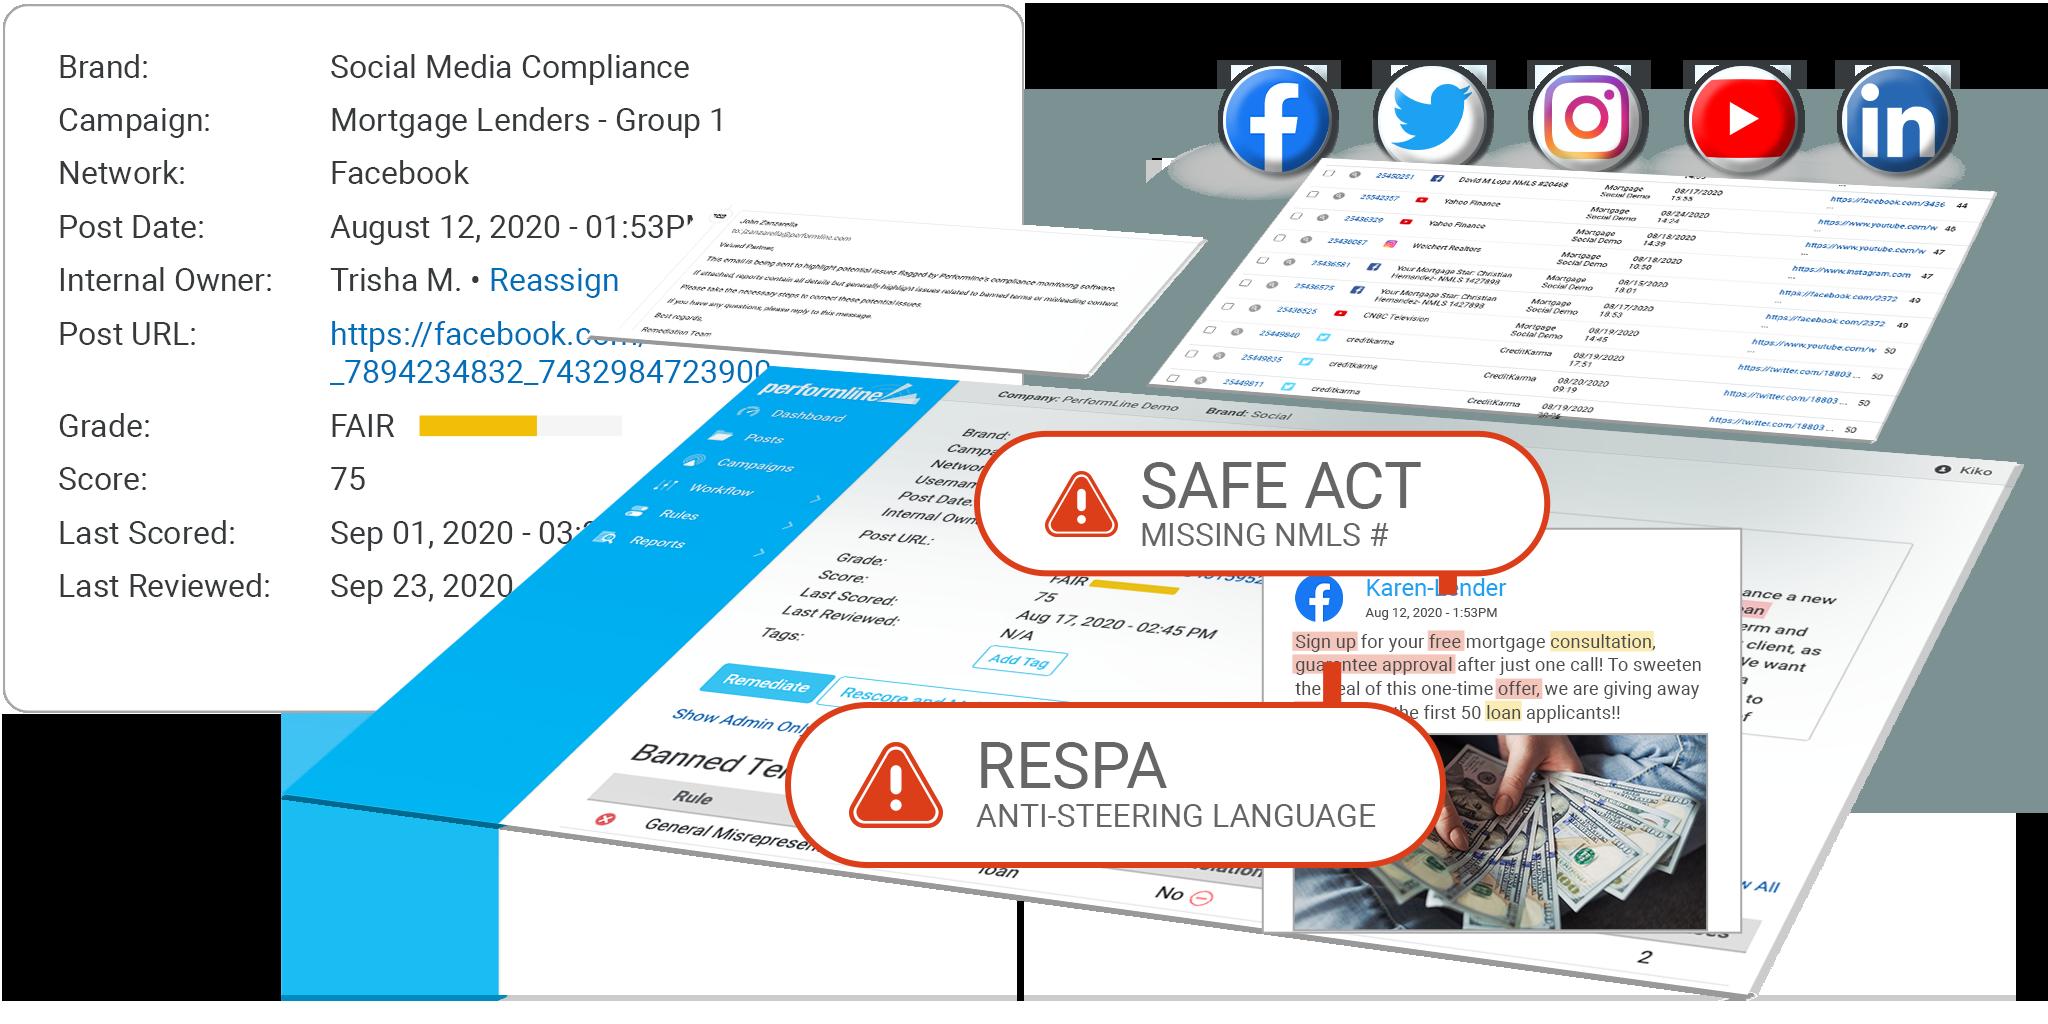 PerformLine-social-media-monitoring-illustrative-v4